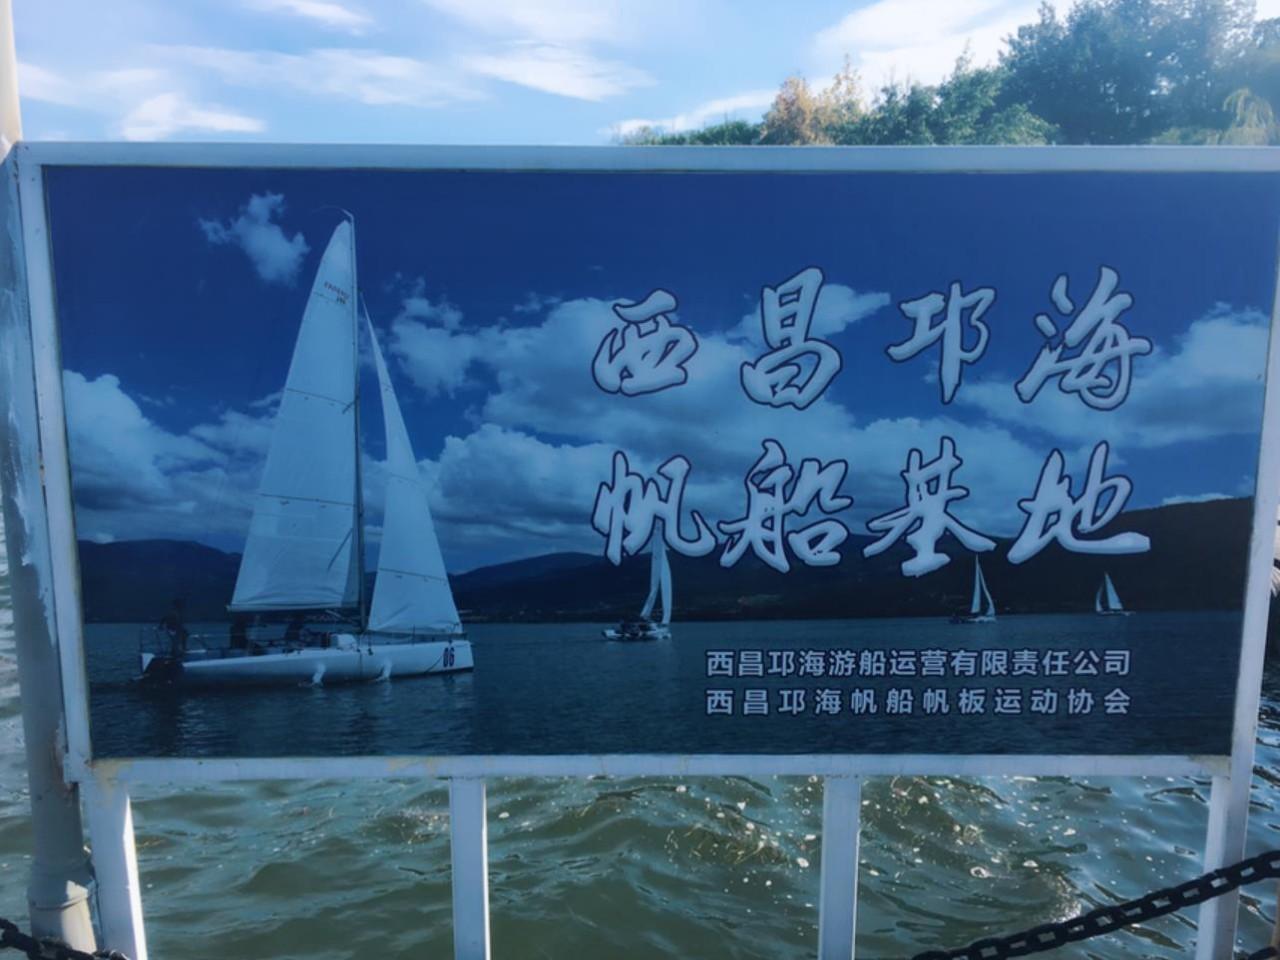 还有4天,2016邛海国际帆船赛战幕重启! 8e0c60b532de6bcca29d21ac204a666a.jpg